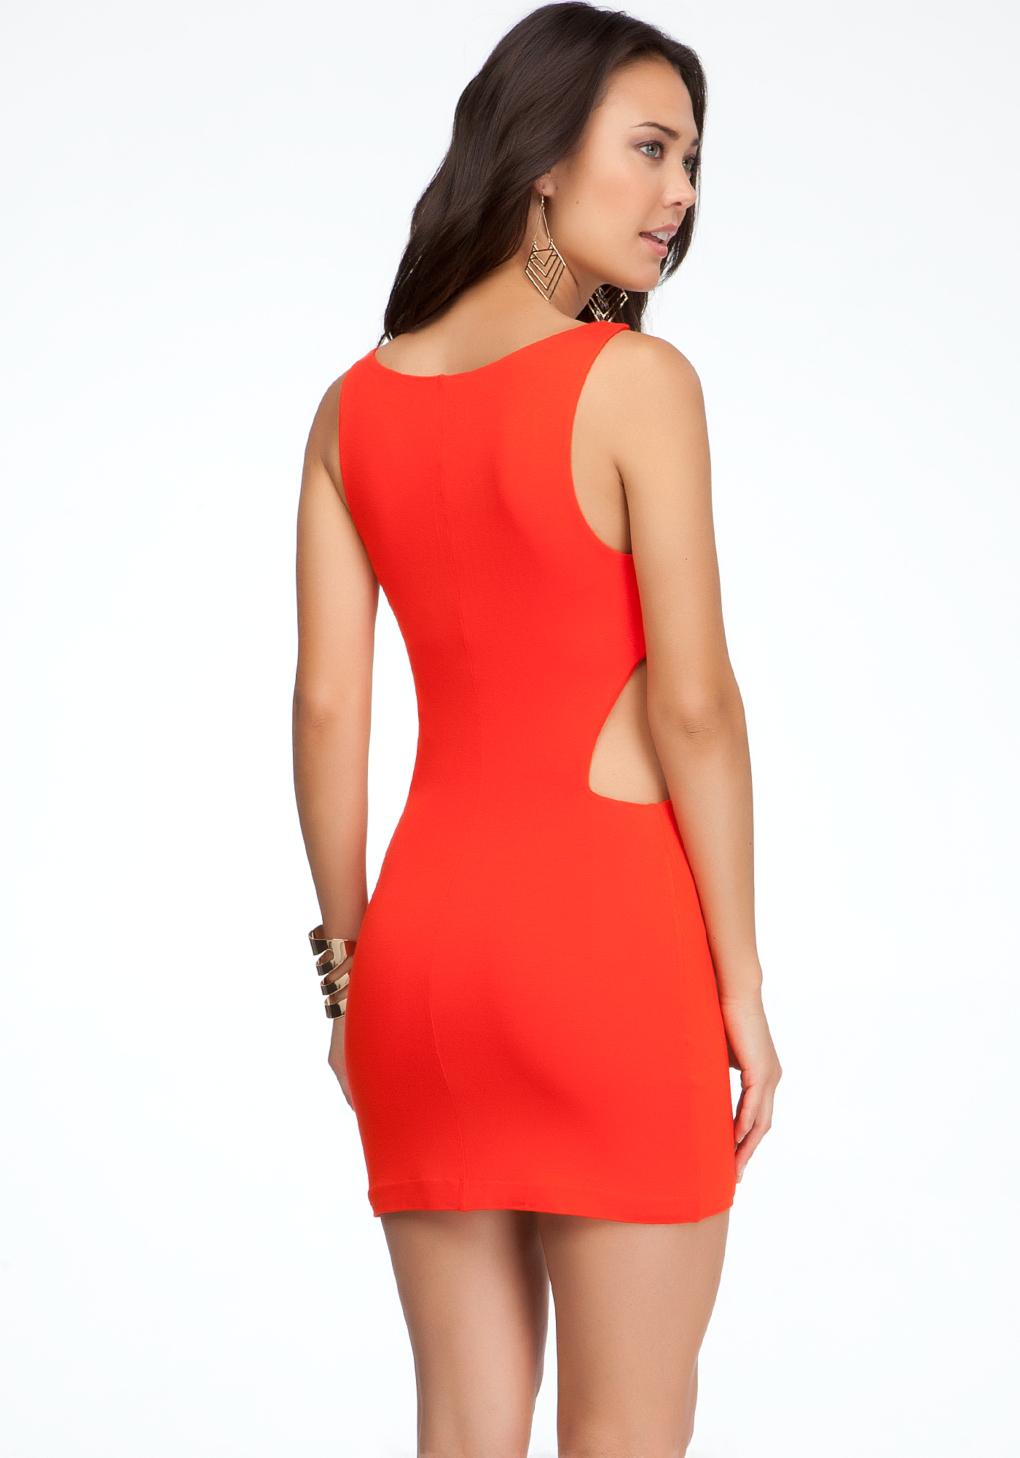 Bebe Side Cutout Mini Dress In Red Lyst